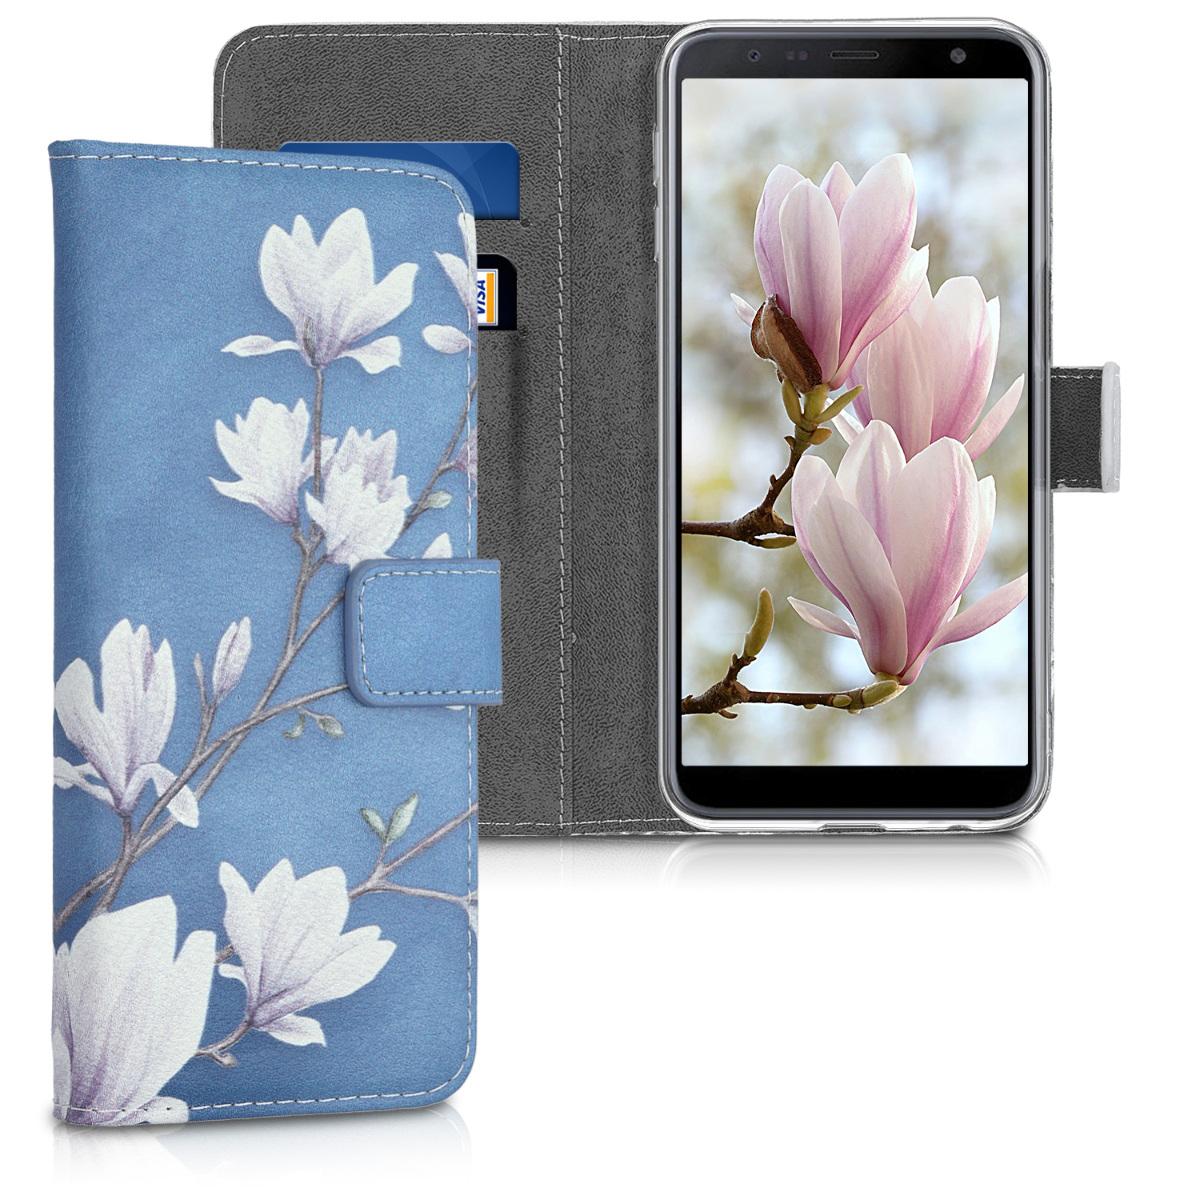 KW Θήκη - Πορτοφόλι Samsung Galaxy J6 Plus - Taupe / White / Blue Grey (46443.02)